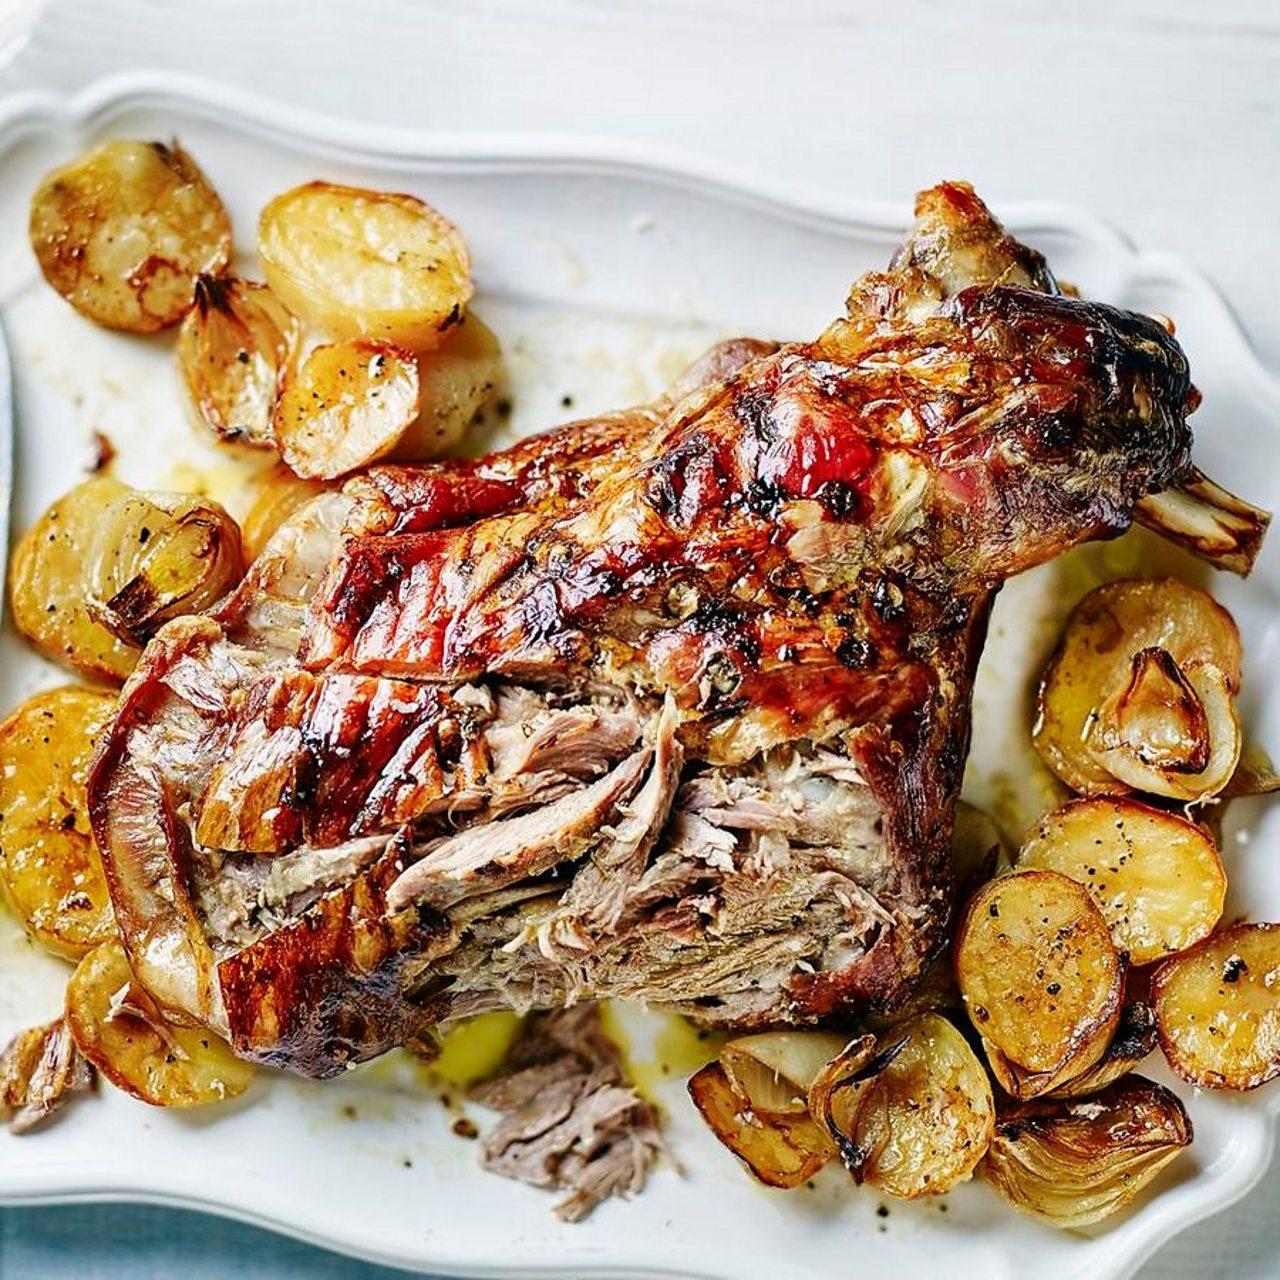 Slow roast lamb shoulder